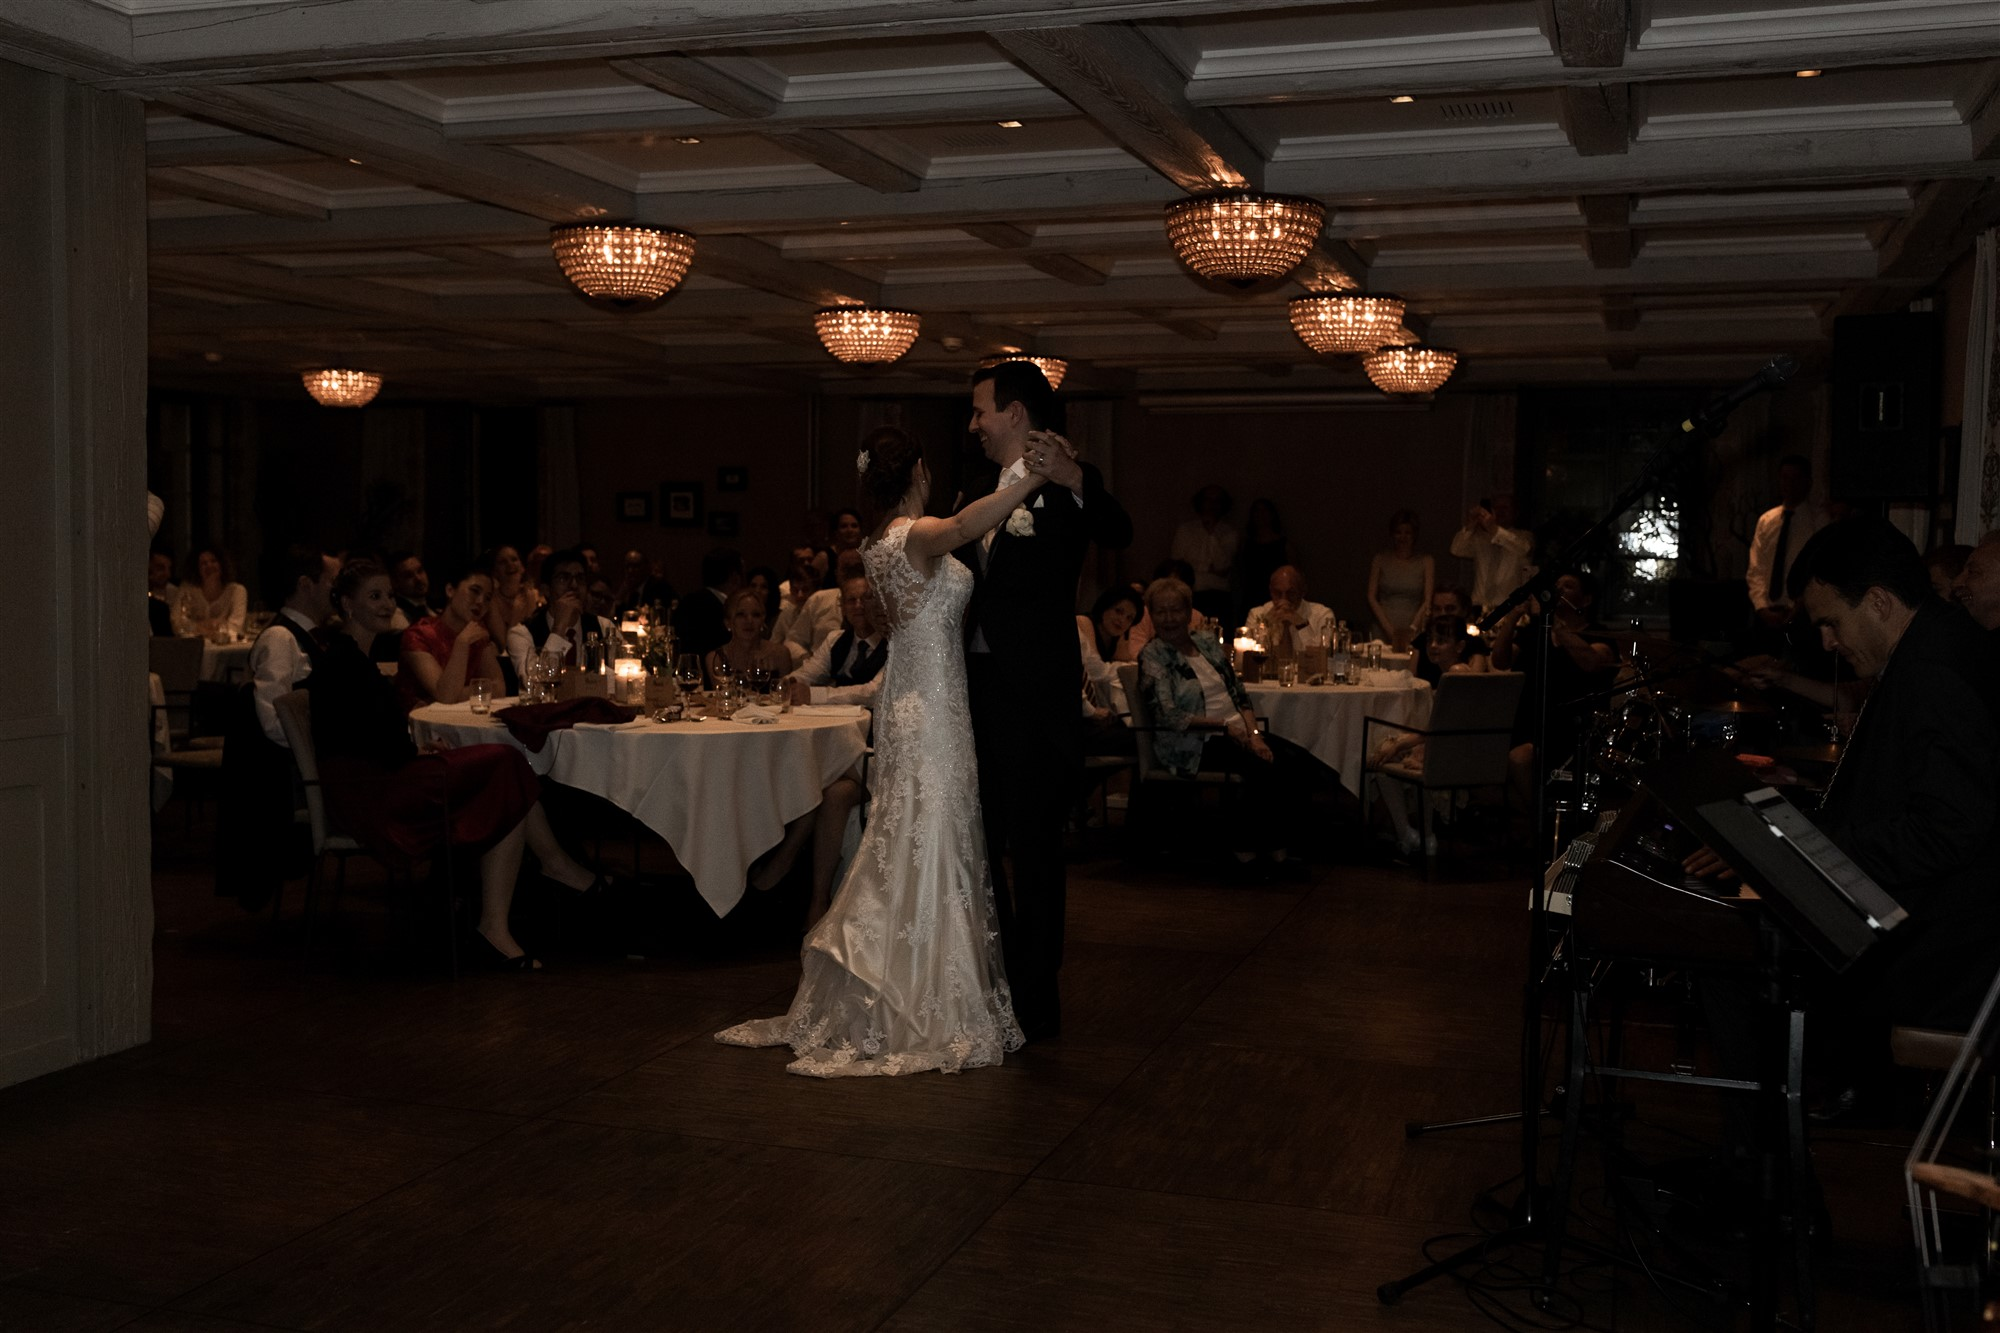 Der Hochzeitstanz